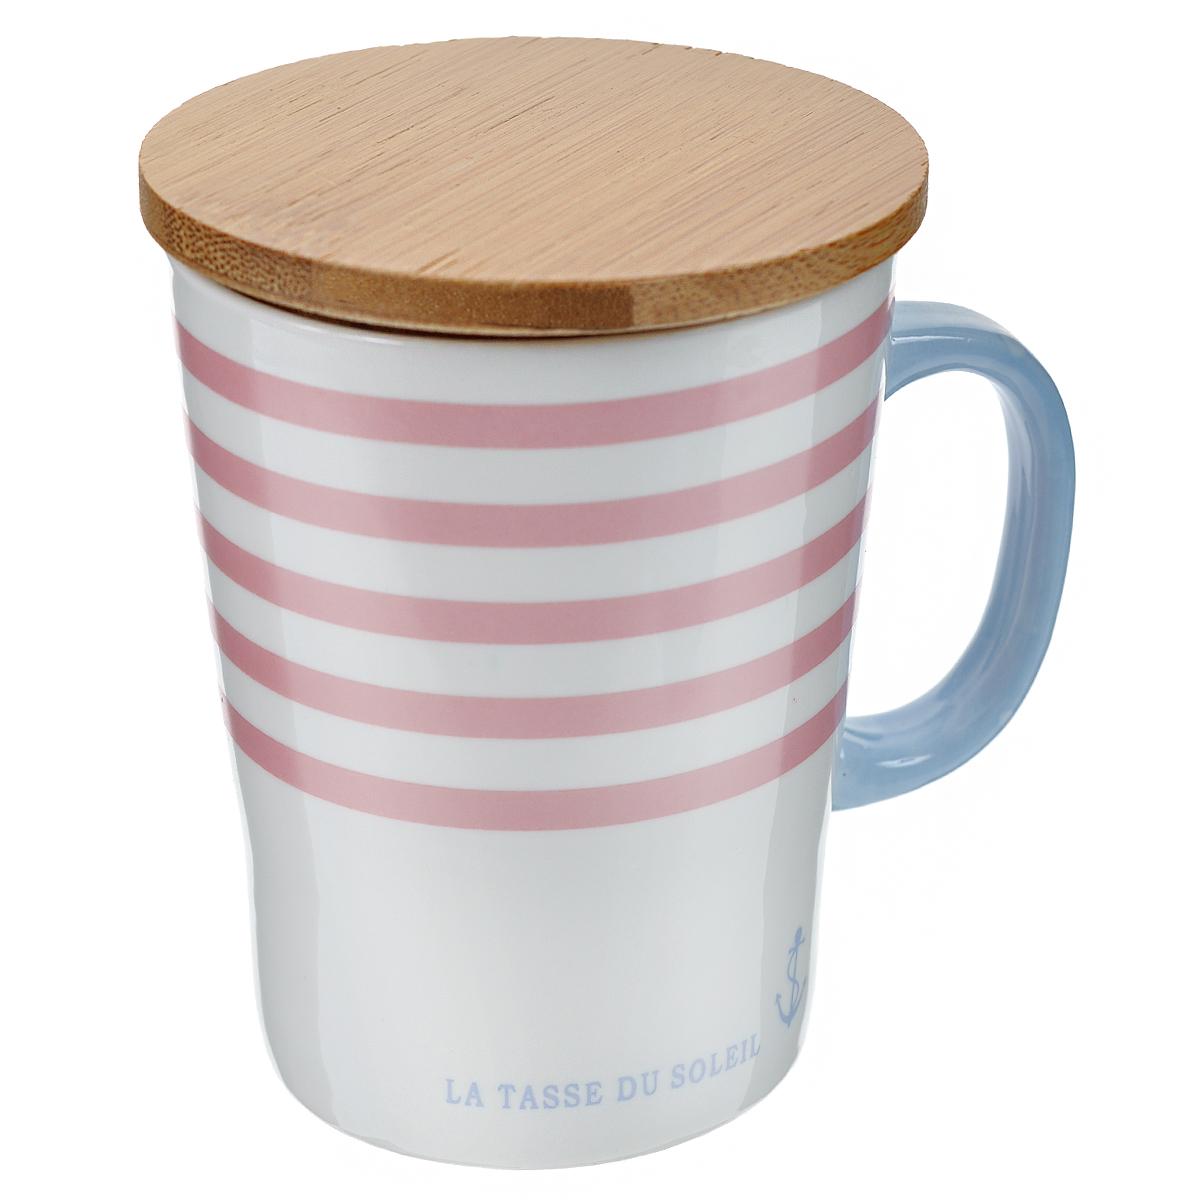 """Оригинальная кружка """"Полосы"""", выполненная из керамики, станет отличным подарком для человека, ценящего забавные и практичные подарки. Кружка оформлена цветными полосками. Благодаря бамбуковой крышке, входящей в комплект, кружка превосходно сохраняет температуру напитка. Также крышка может быть использована в качестве подставки под горячее.  Такой подарок станет не только приятным, но и практичным сувениром: кружка станет незаменимым атрибутом чаепития, а оригинальный дизайн вызовет улыбку.   Характеристики:Материал:  керамика, бамбук. Высота кружки (без учета крышки):  10 см. Диаметр по верхнему краю:  7,5 см. Объем:  200 мл. Размер упаковки:  9,5 см х 8,5 см х 11 см. Артикул: 003075."""